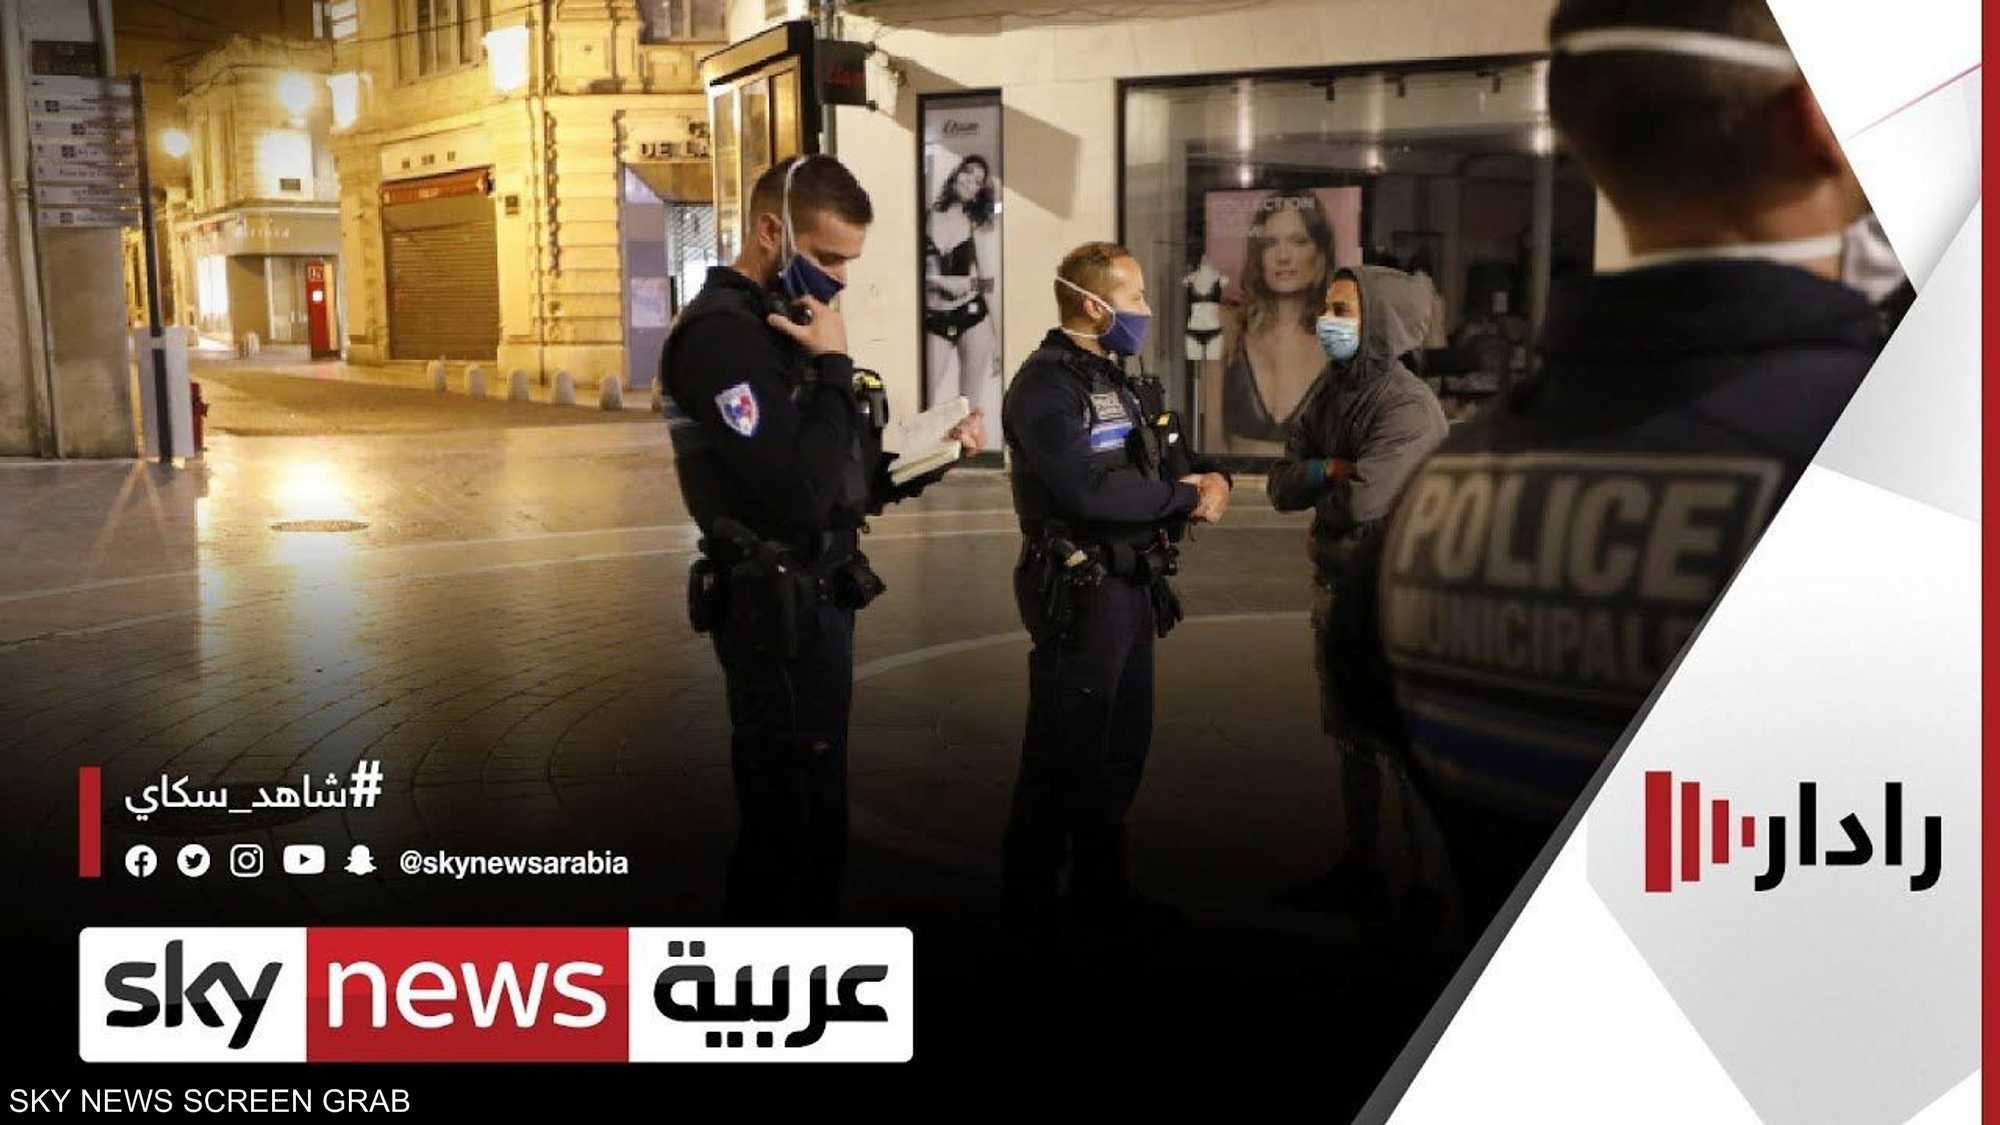 فرنسا توجه تهم التواطؤ إلى 6 أشخاص بقضية قتل المدرّس